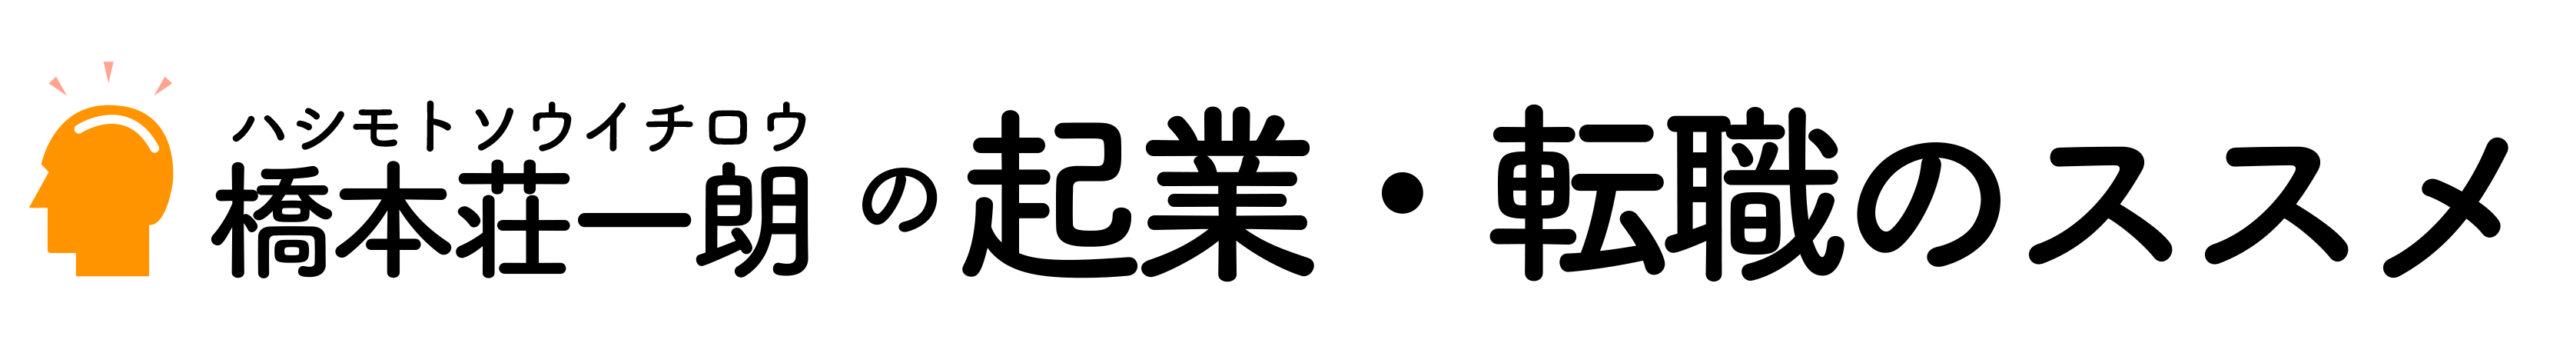 橋本荘一朗の起業のススメ